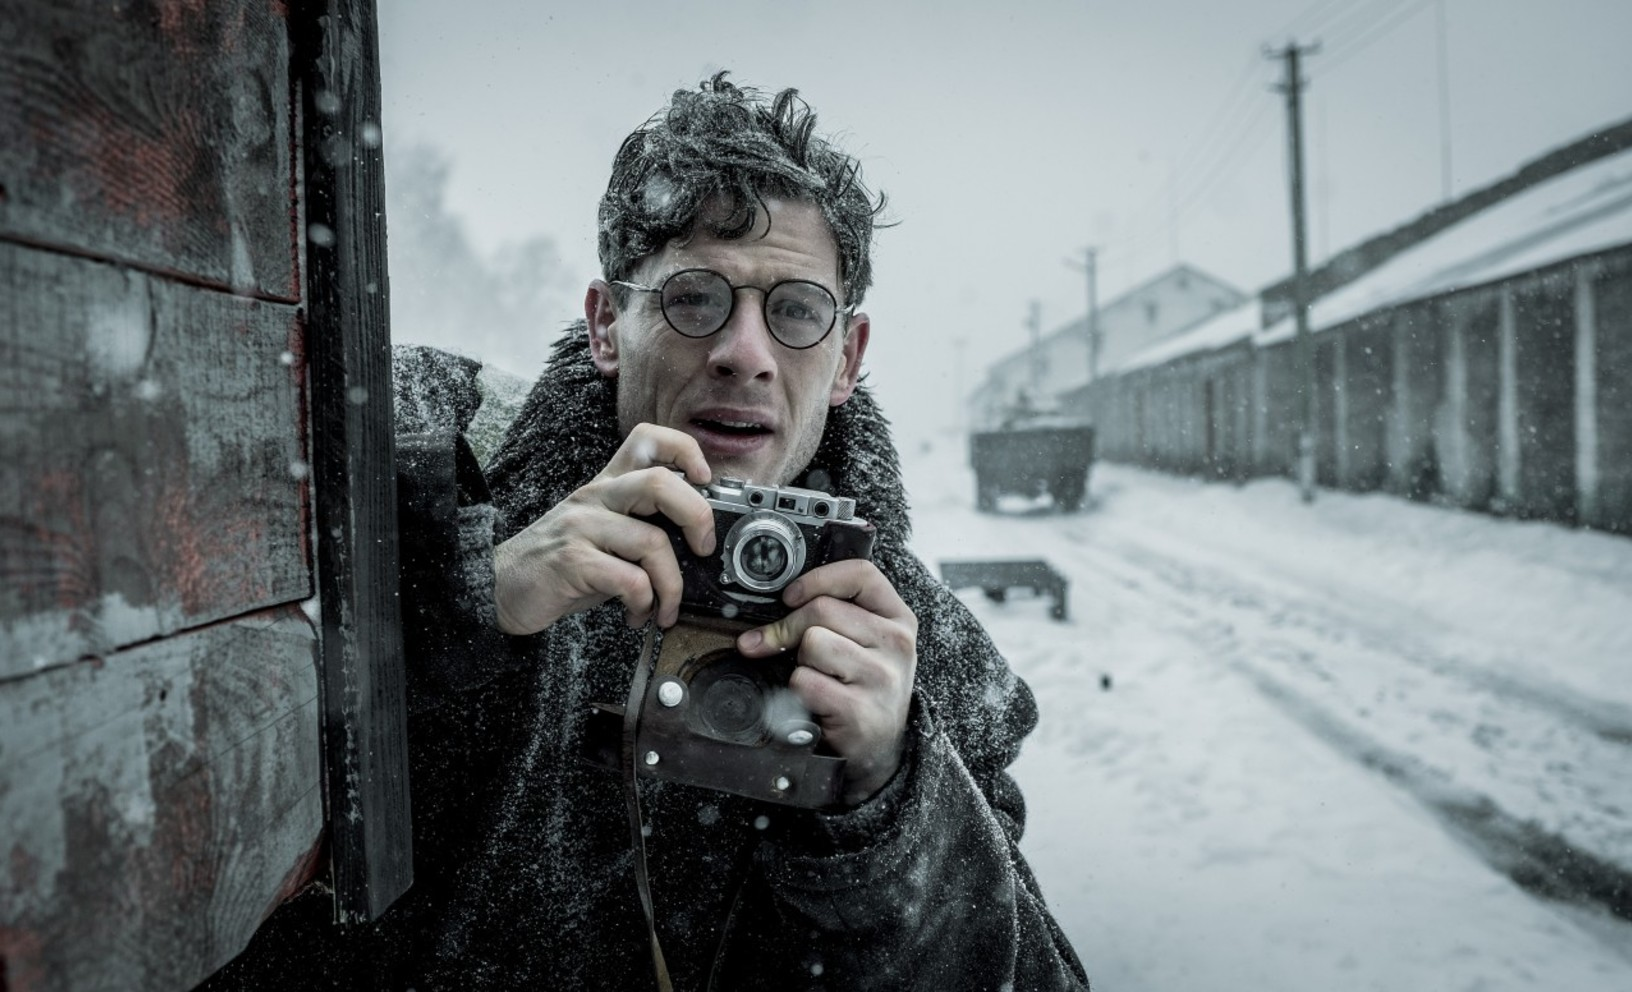 """regular_detail_picture-9fc7203fe379b6e04a0c58a8f7d1449f Українські фільми """"Додому"""" і """"Містер Джонс"""" увійшли до лонг-листа """"європейского Оскара"""""""